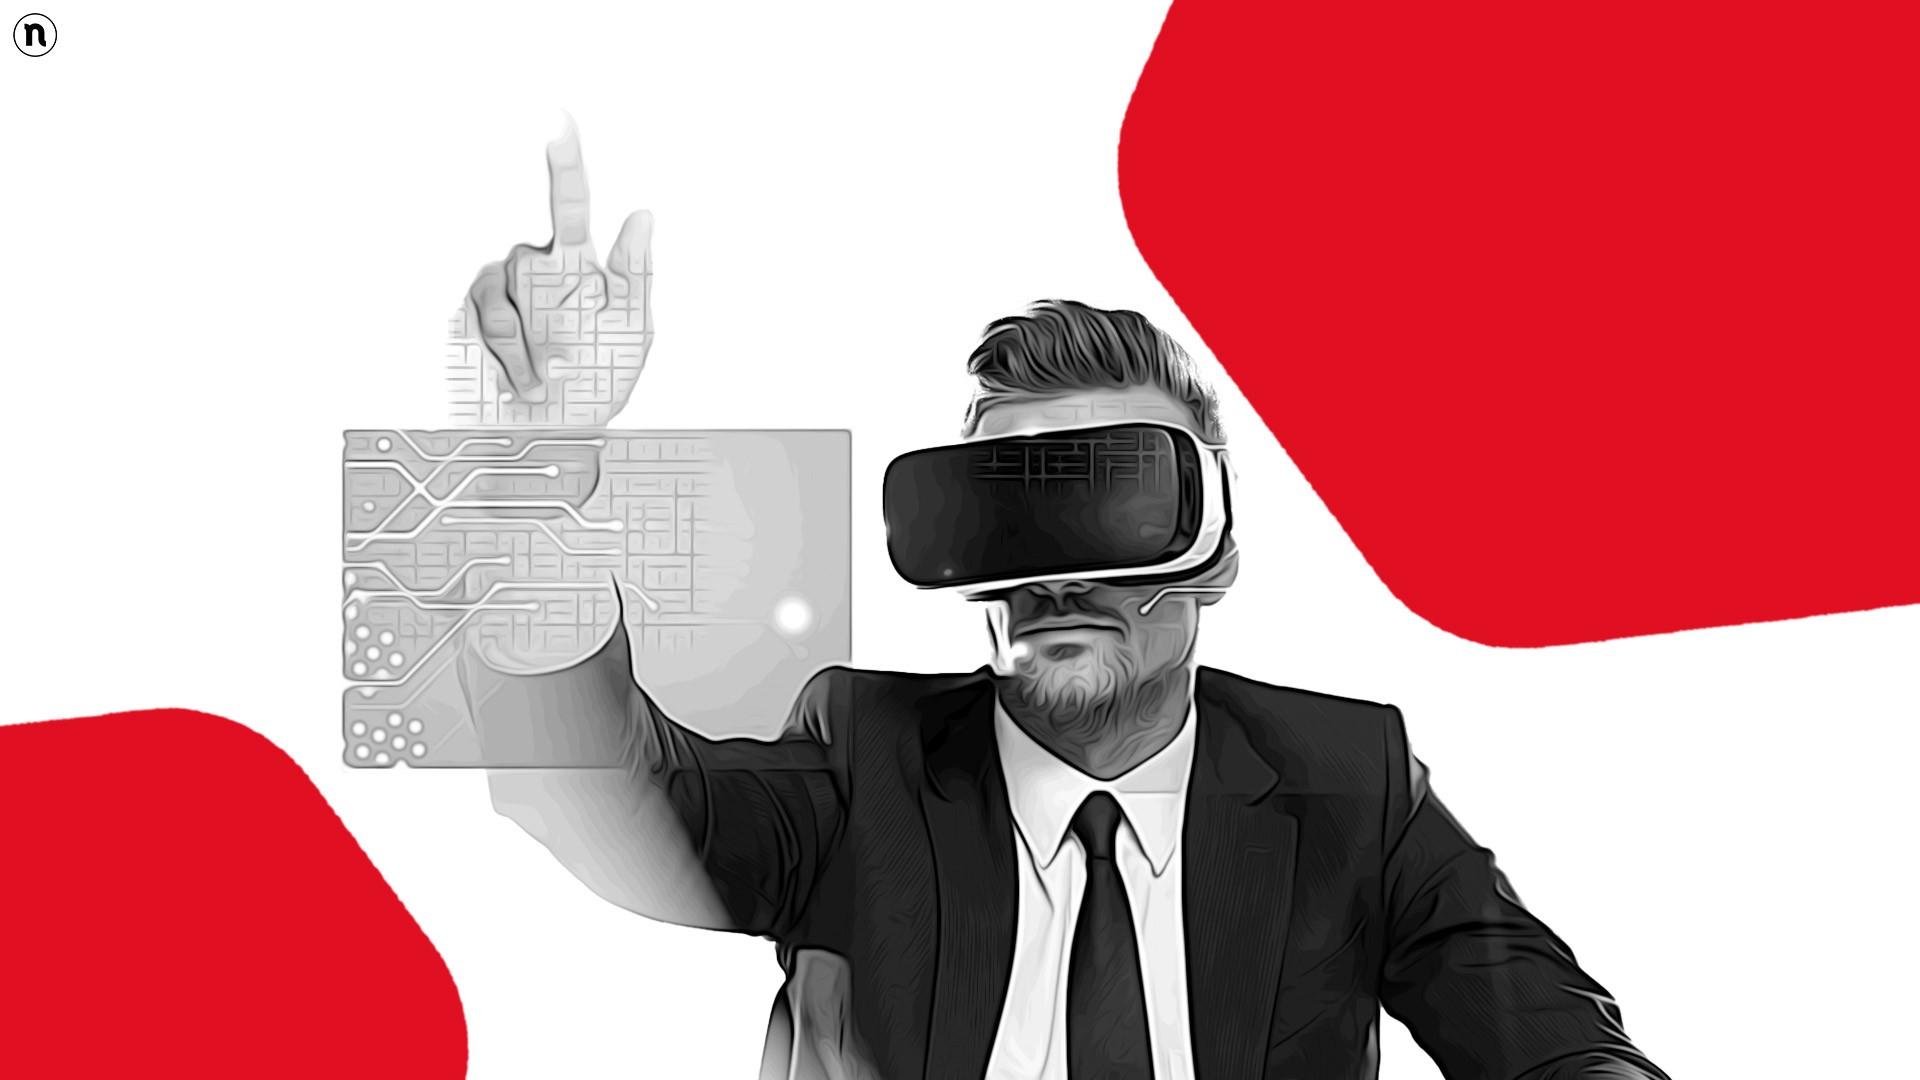 Innovazione strategica: uscire dalla crisi grazie al Digital Business Model